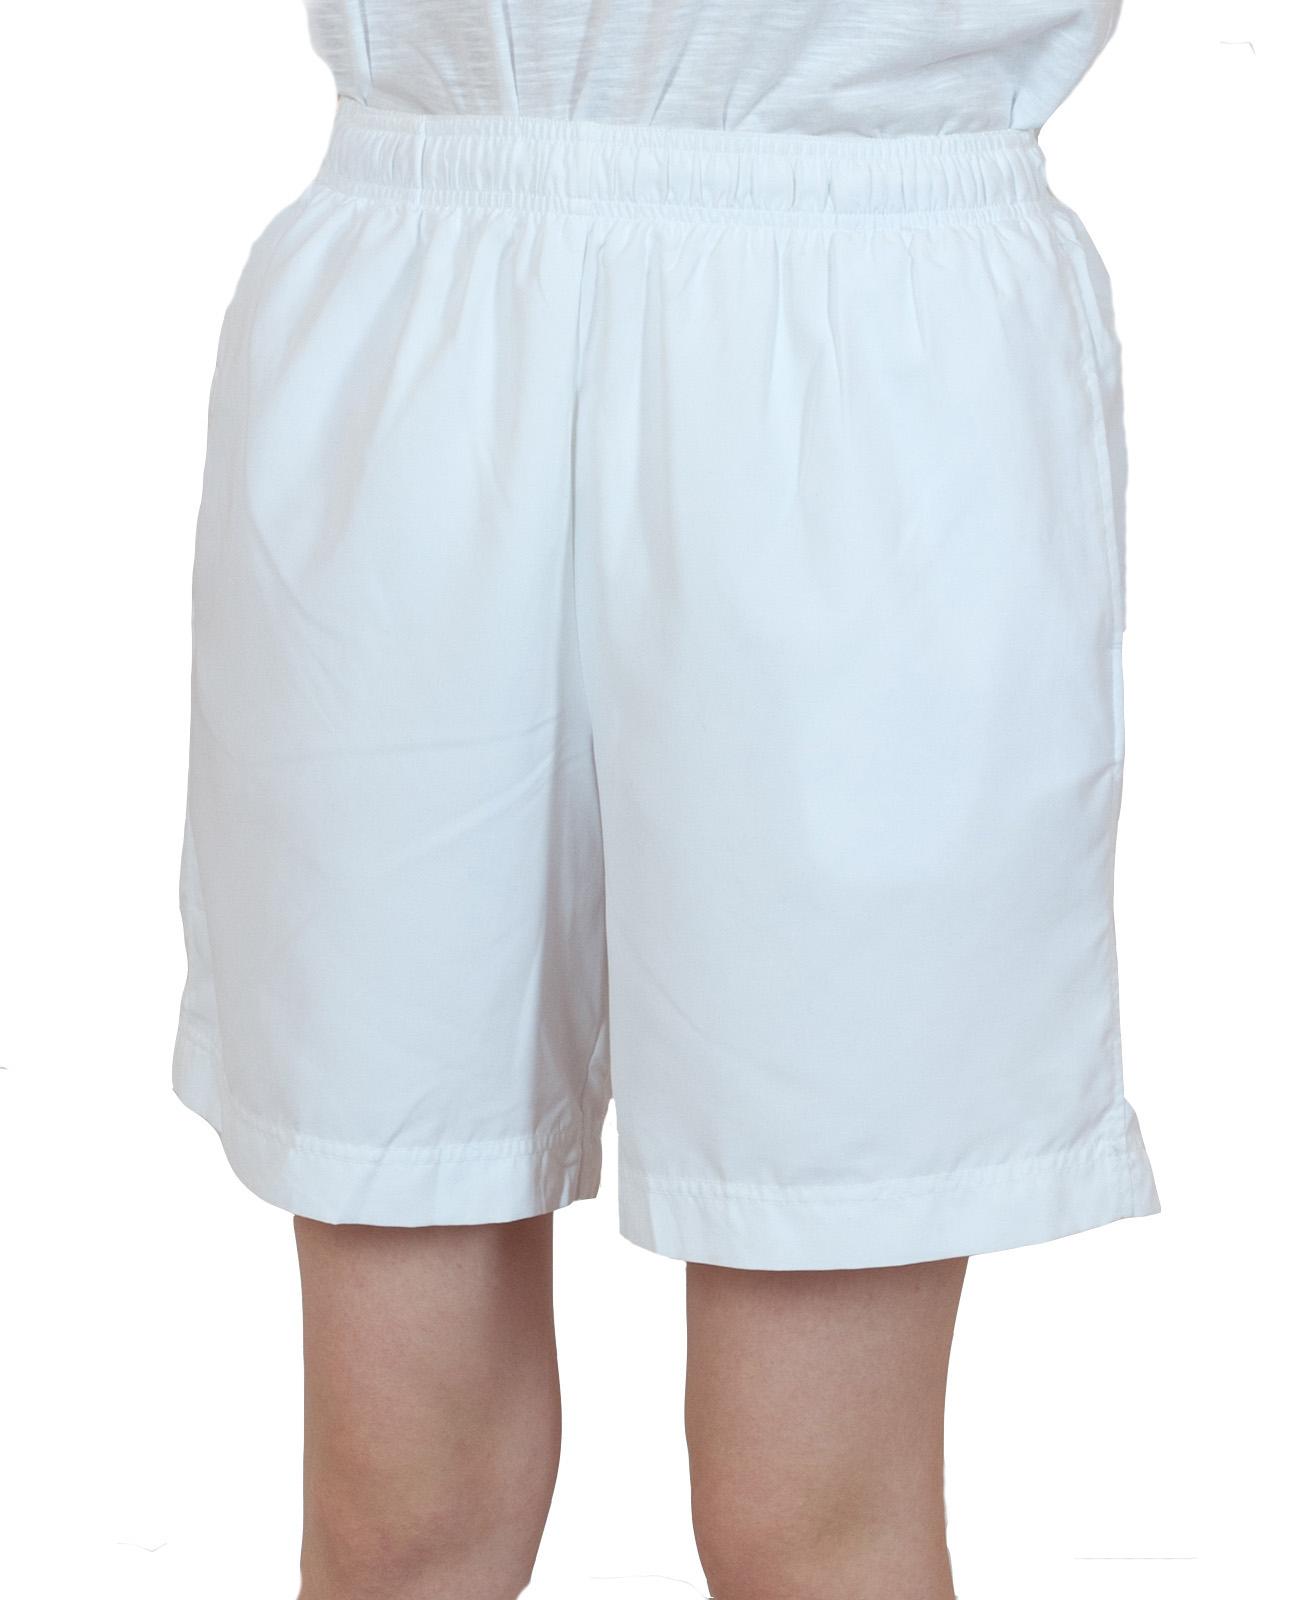 Белые женские шорты спортивного стиля